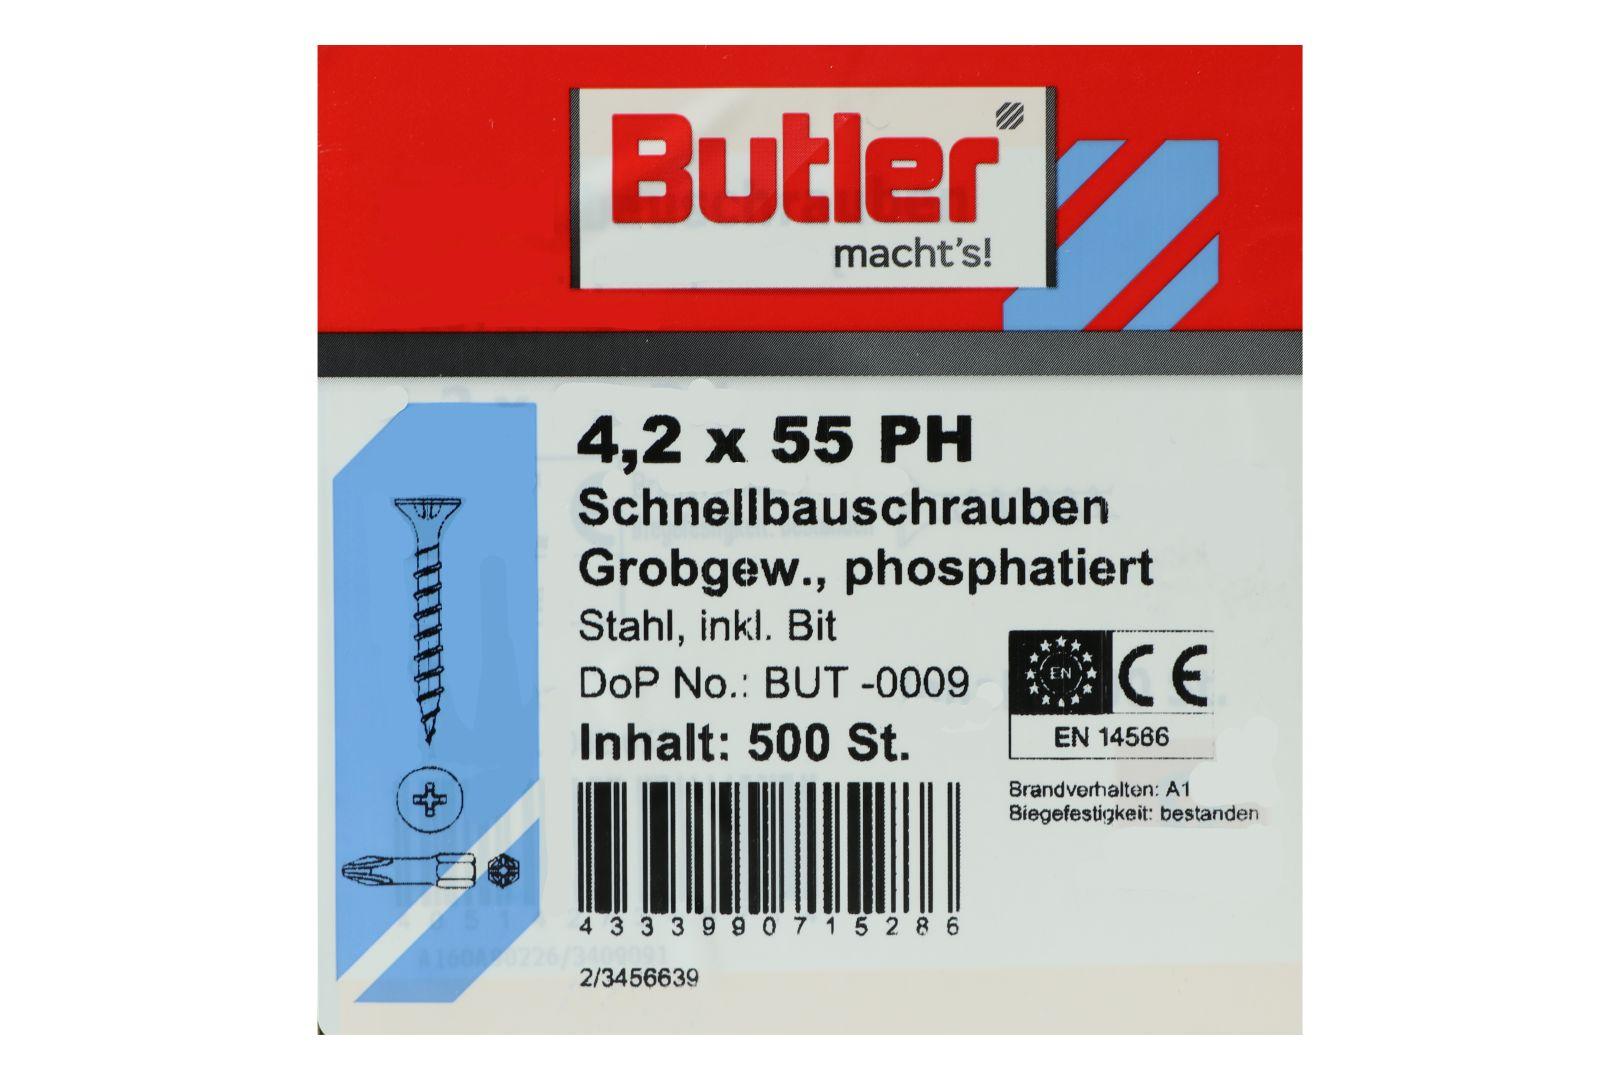 Butler macht's! Schnellbauschrauben inkl. Bit für Holz auf Holz, Grobgewinde, PH2, 4,2 x 55 mm, 500 Stück